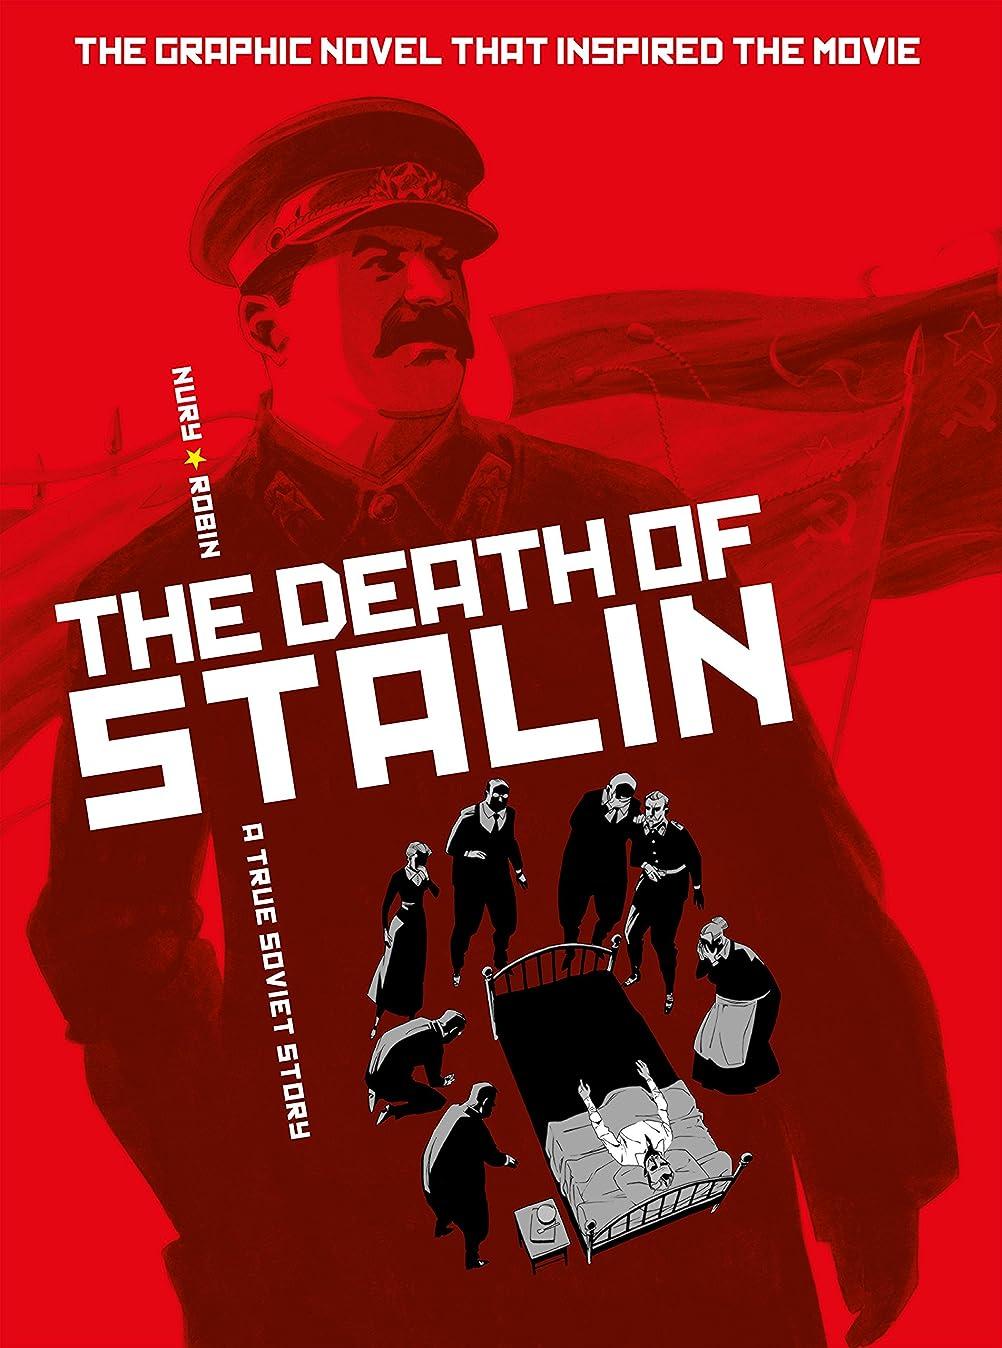 ベッツィトロットウッド天才運動するThe Death of Stalin (English Edition)